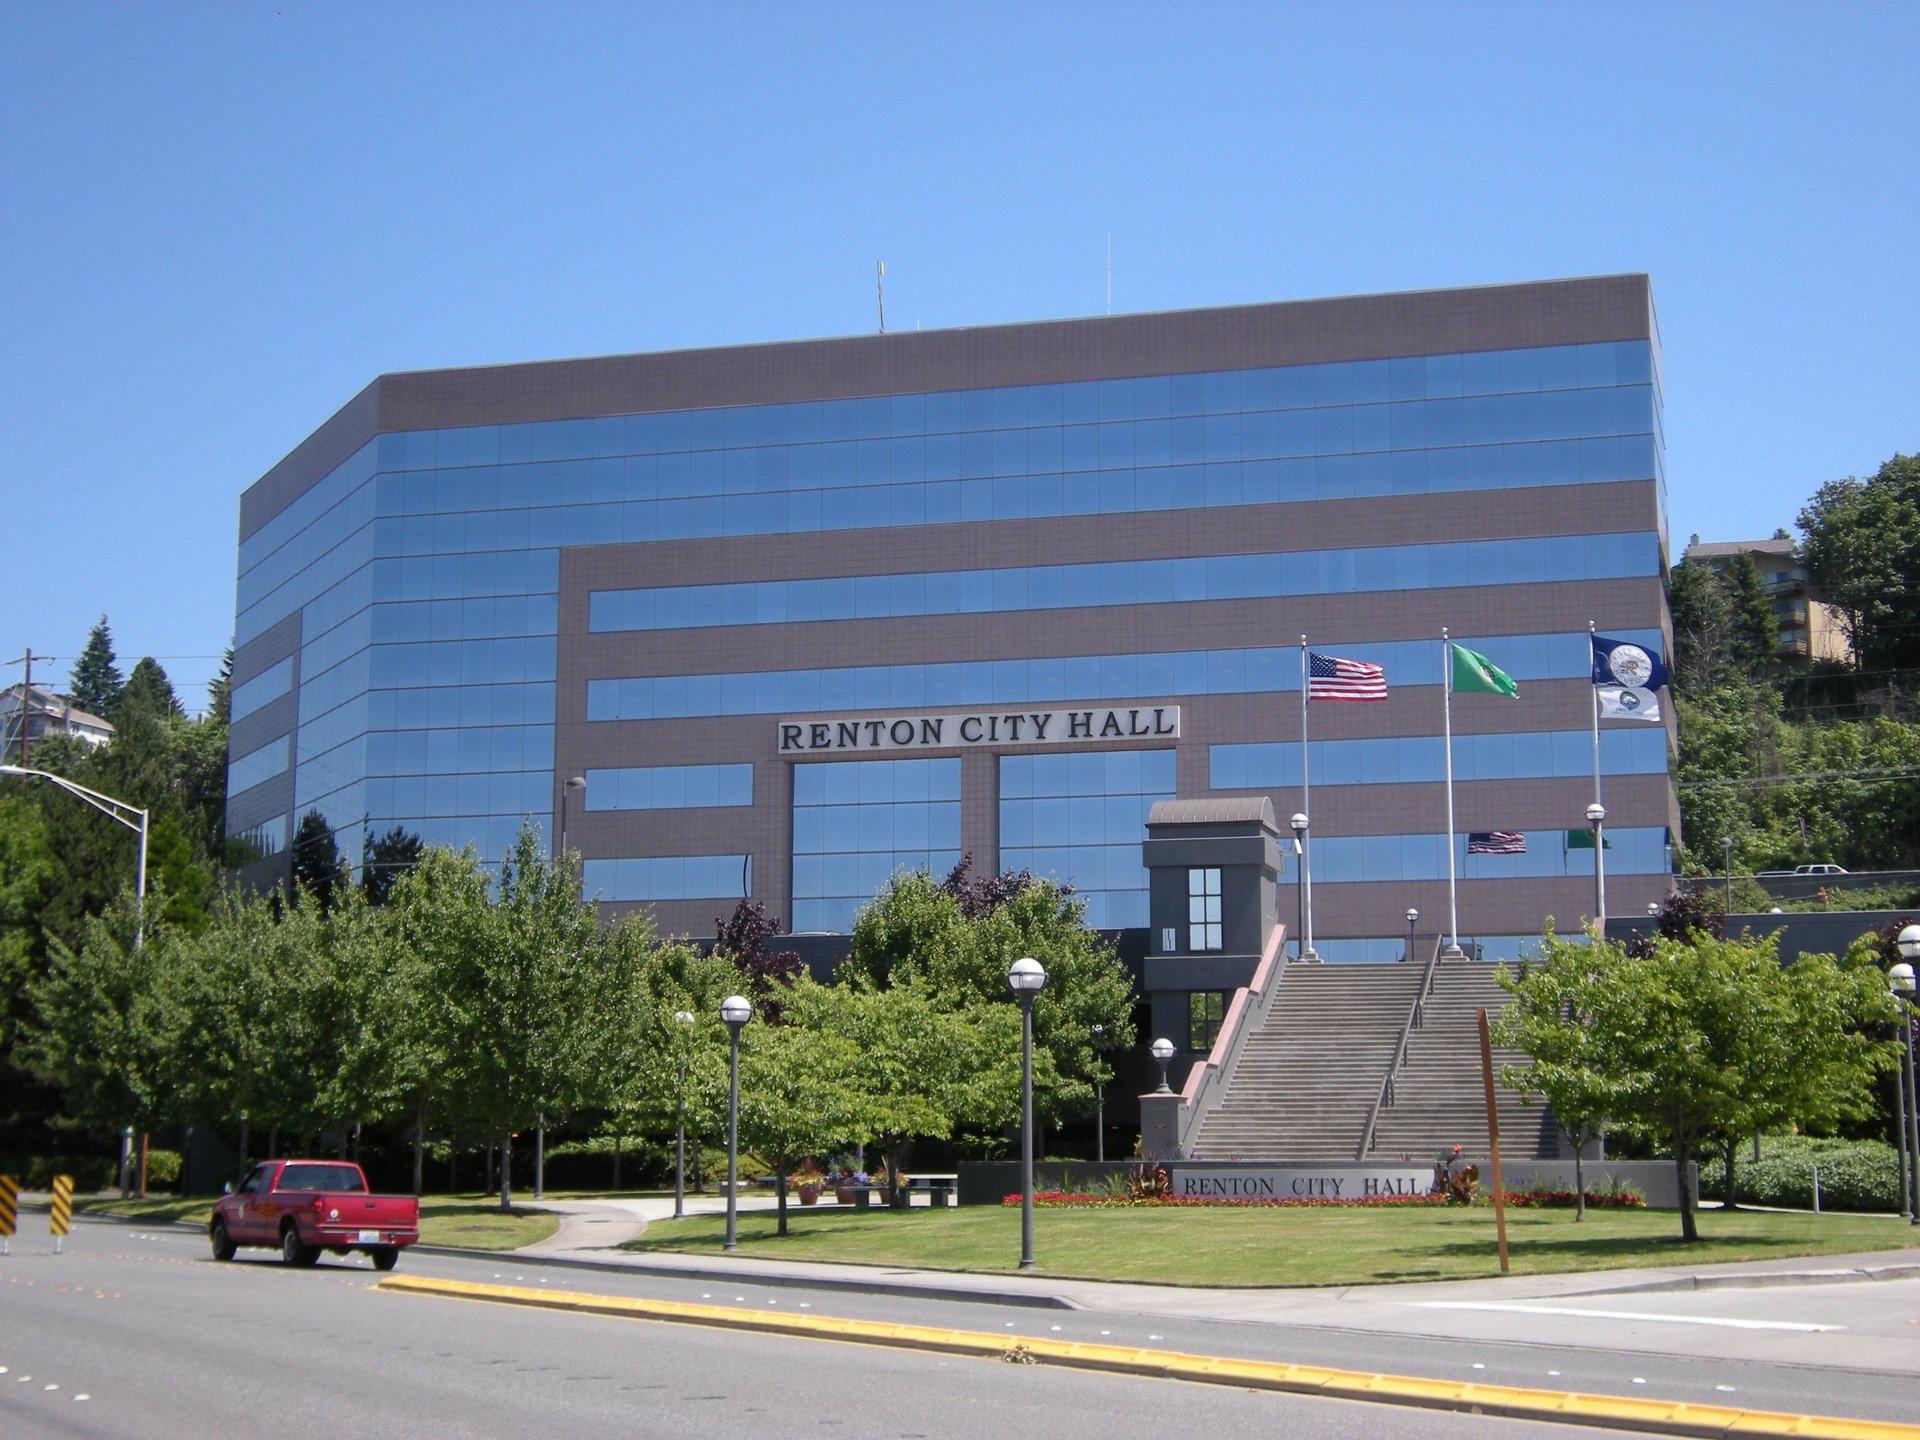 City Hall Building in Renton, WA